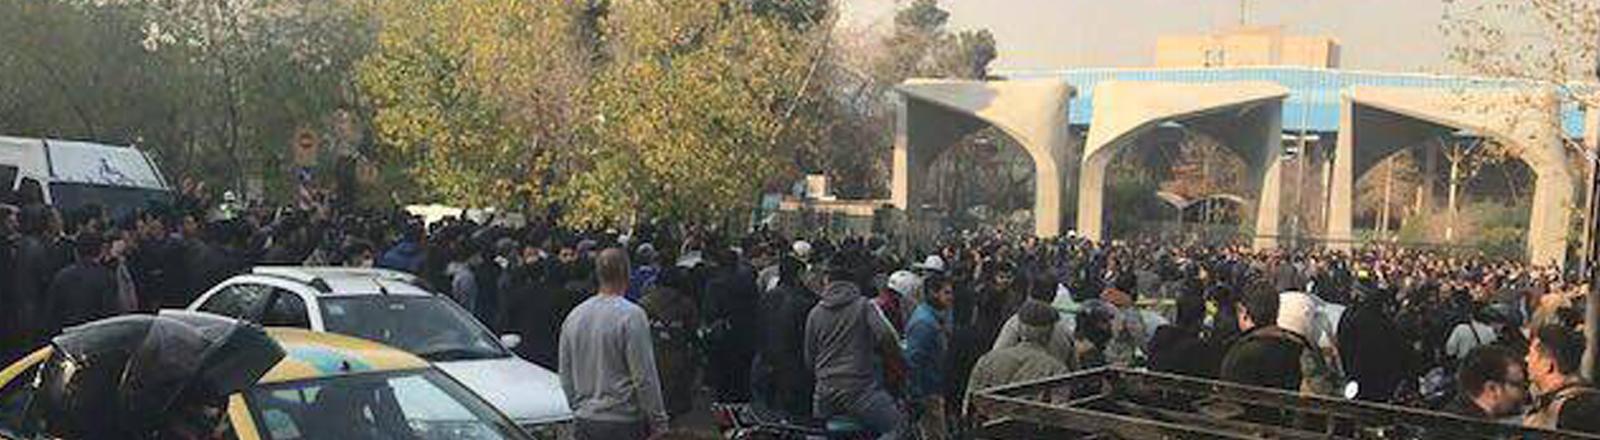 Proteste in Teheran: aufgebrachte Demonstranten am 30. Dezember vor der Universität